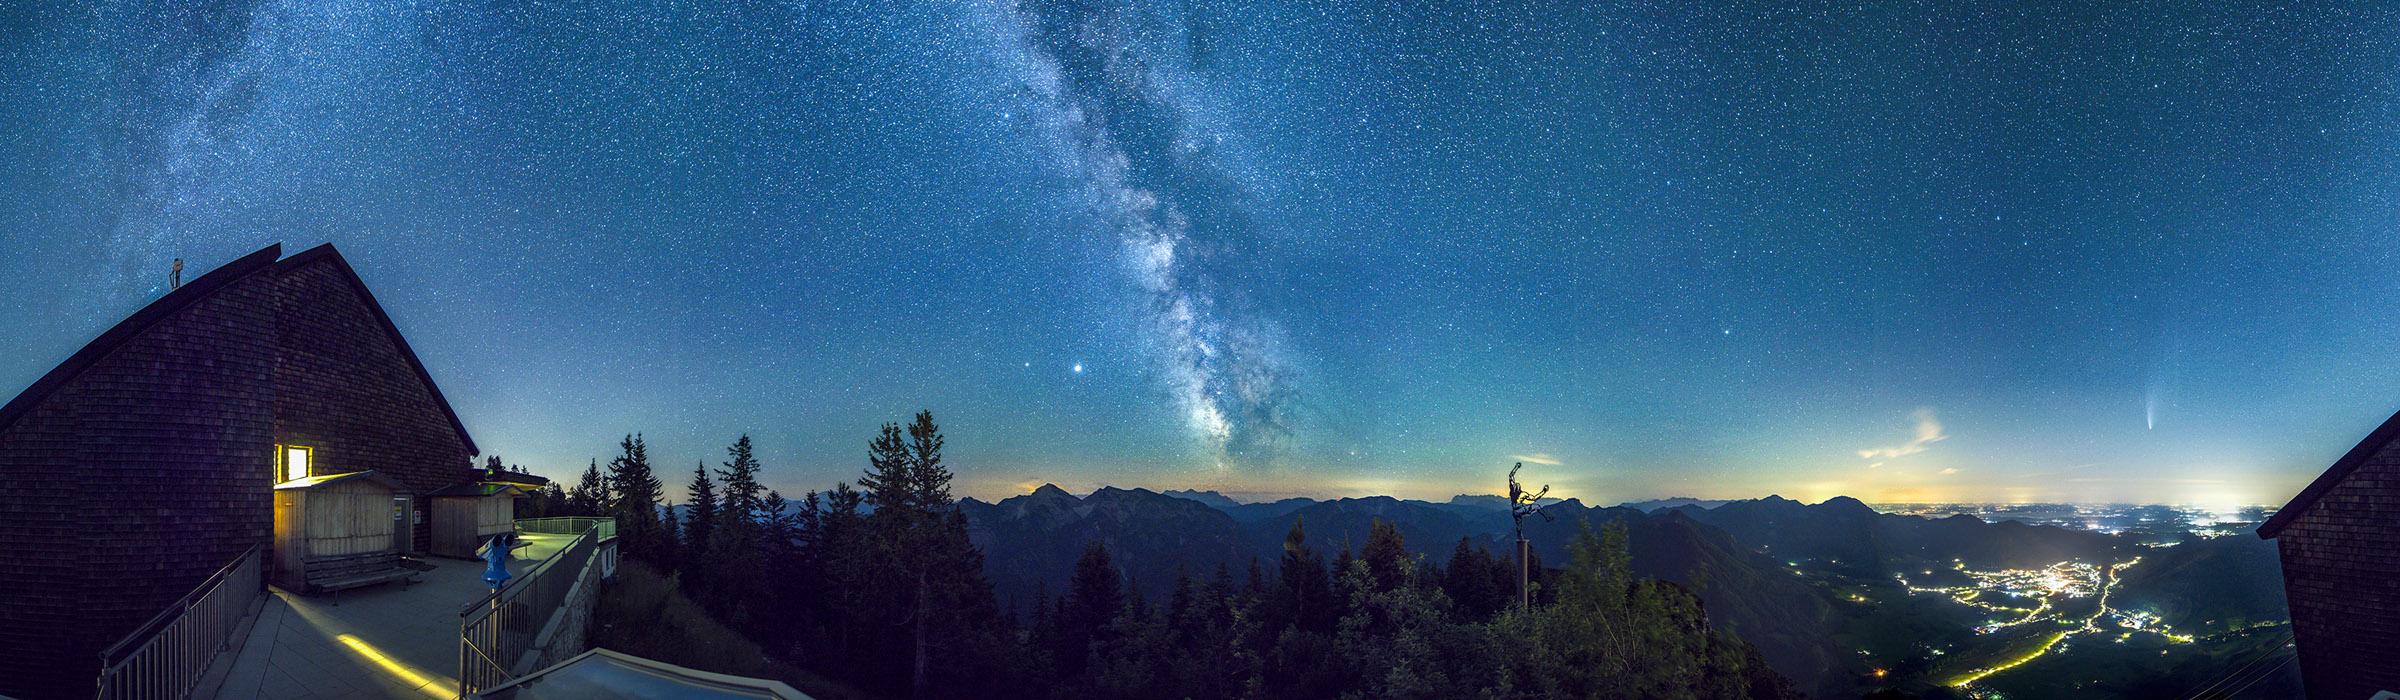 Milchstraße und Sternenhimmel über Ruhpolding